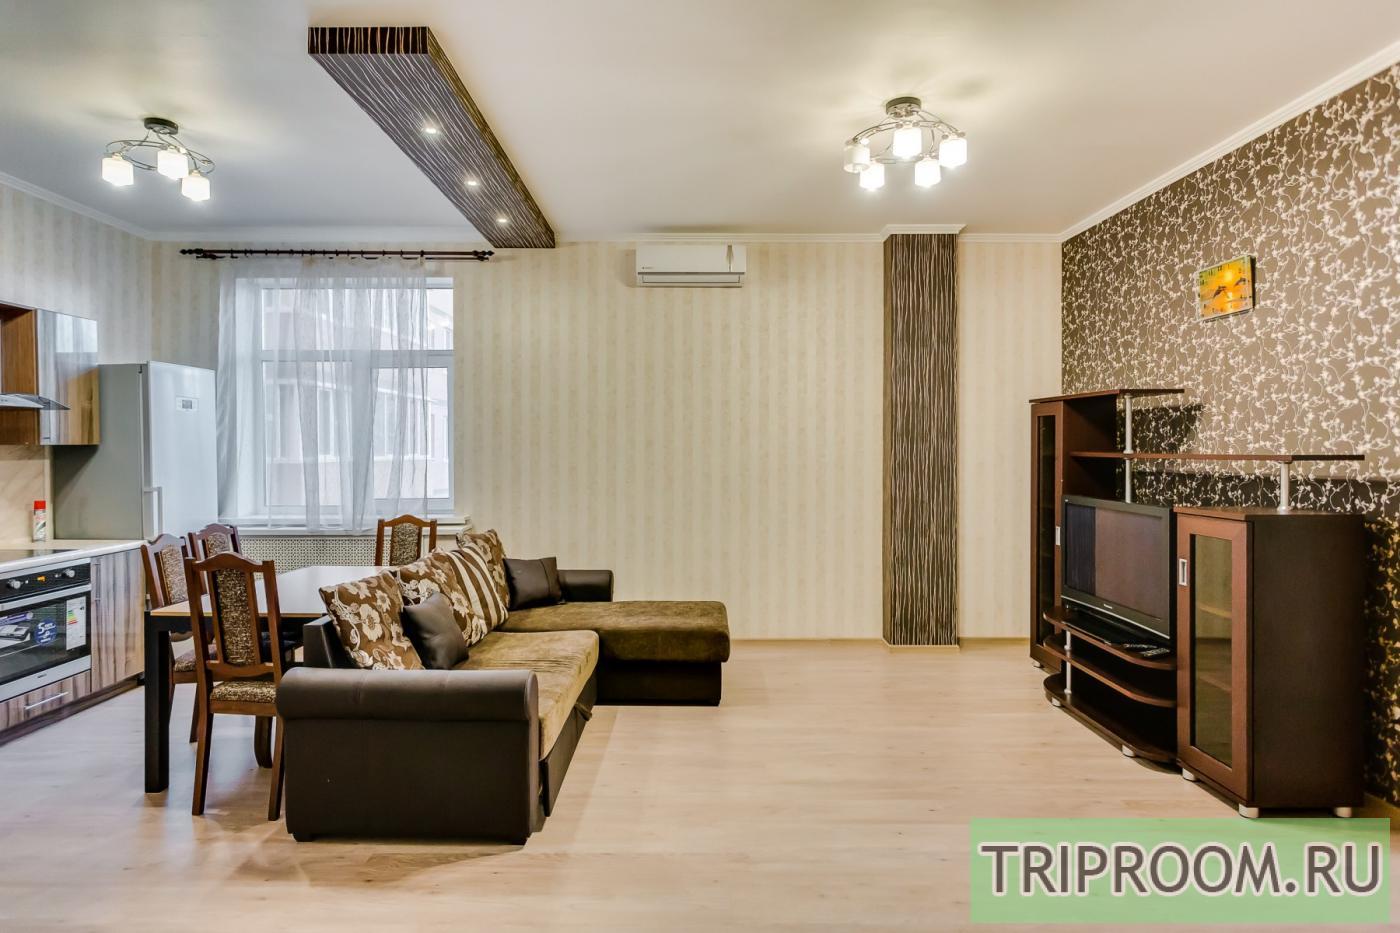 3-комнатная квартира посуточно (вариант № 23511), ул. Красноармейская улица, фото № 9